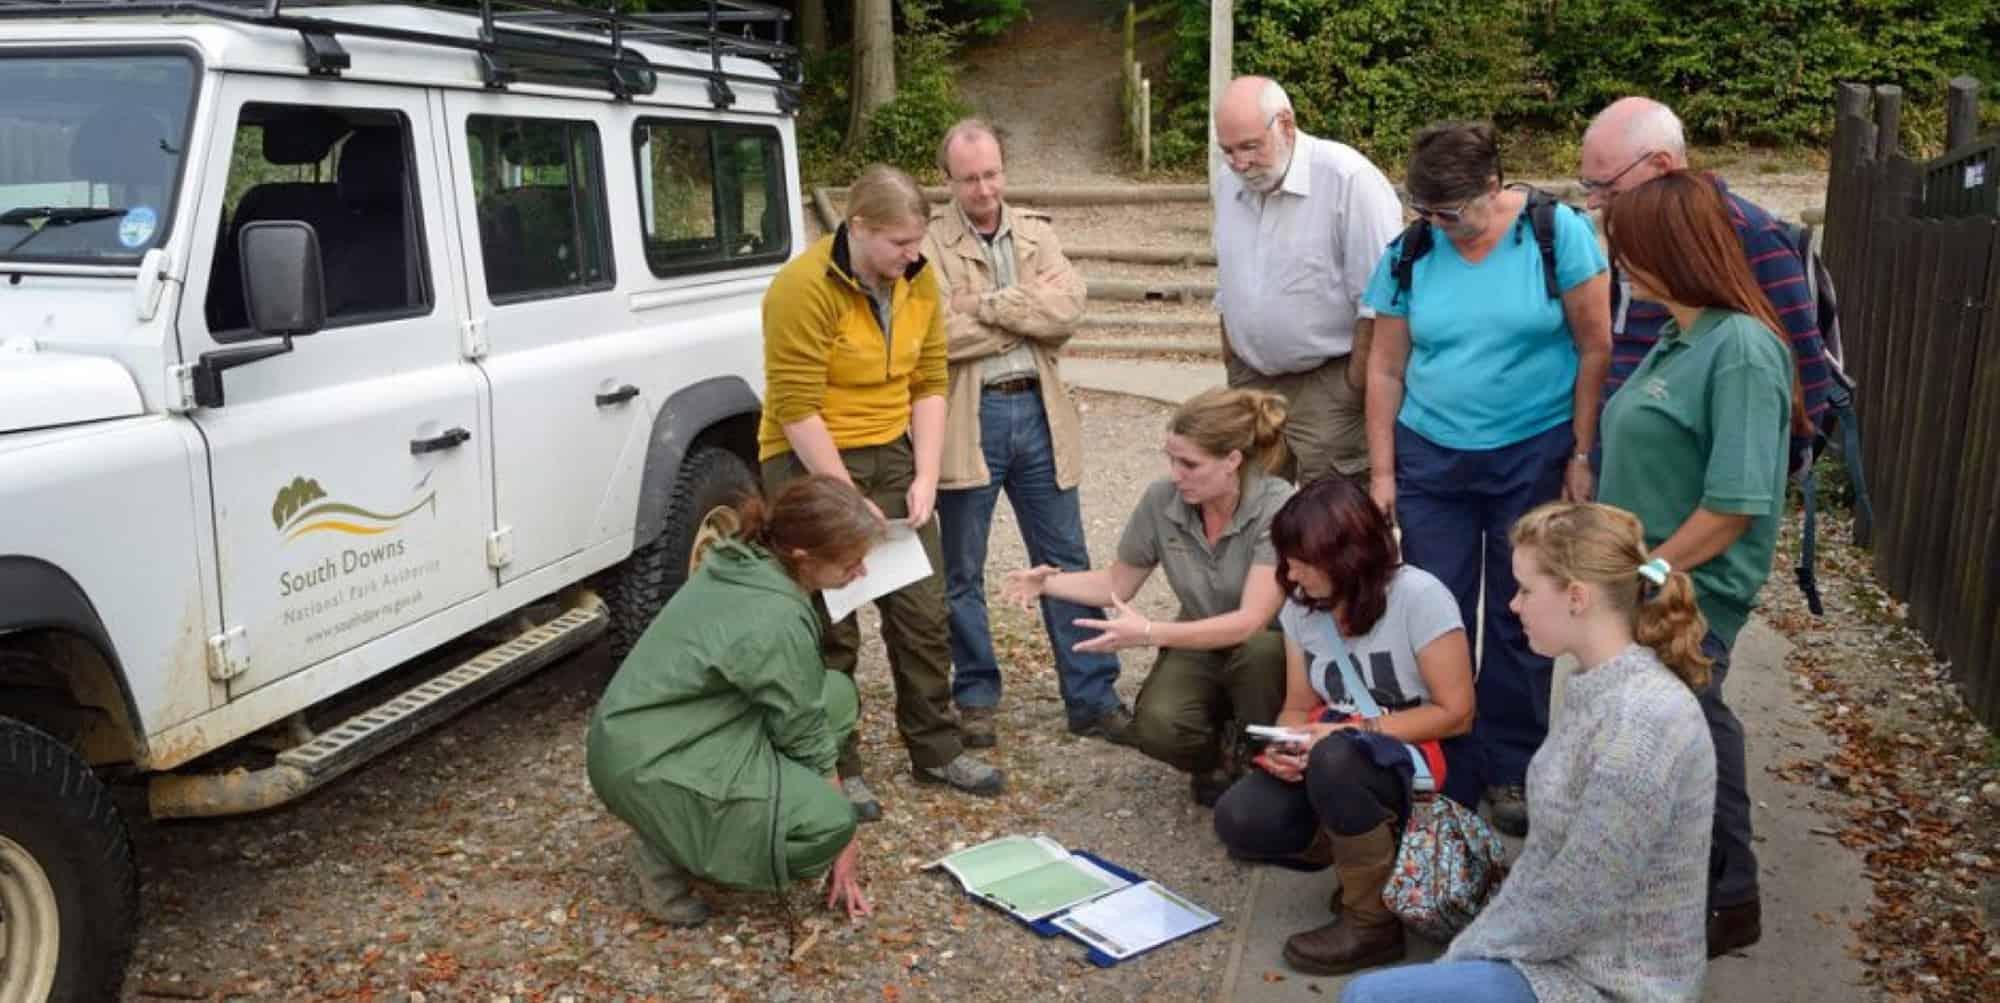 South Downs volunteer rangers